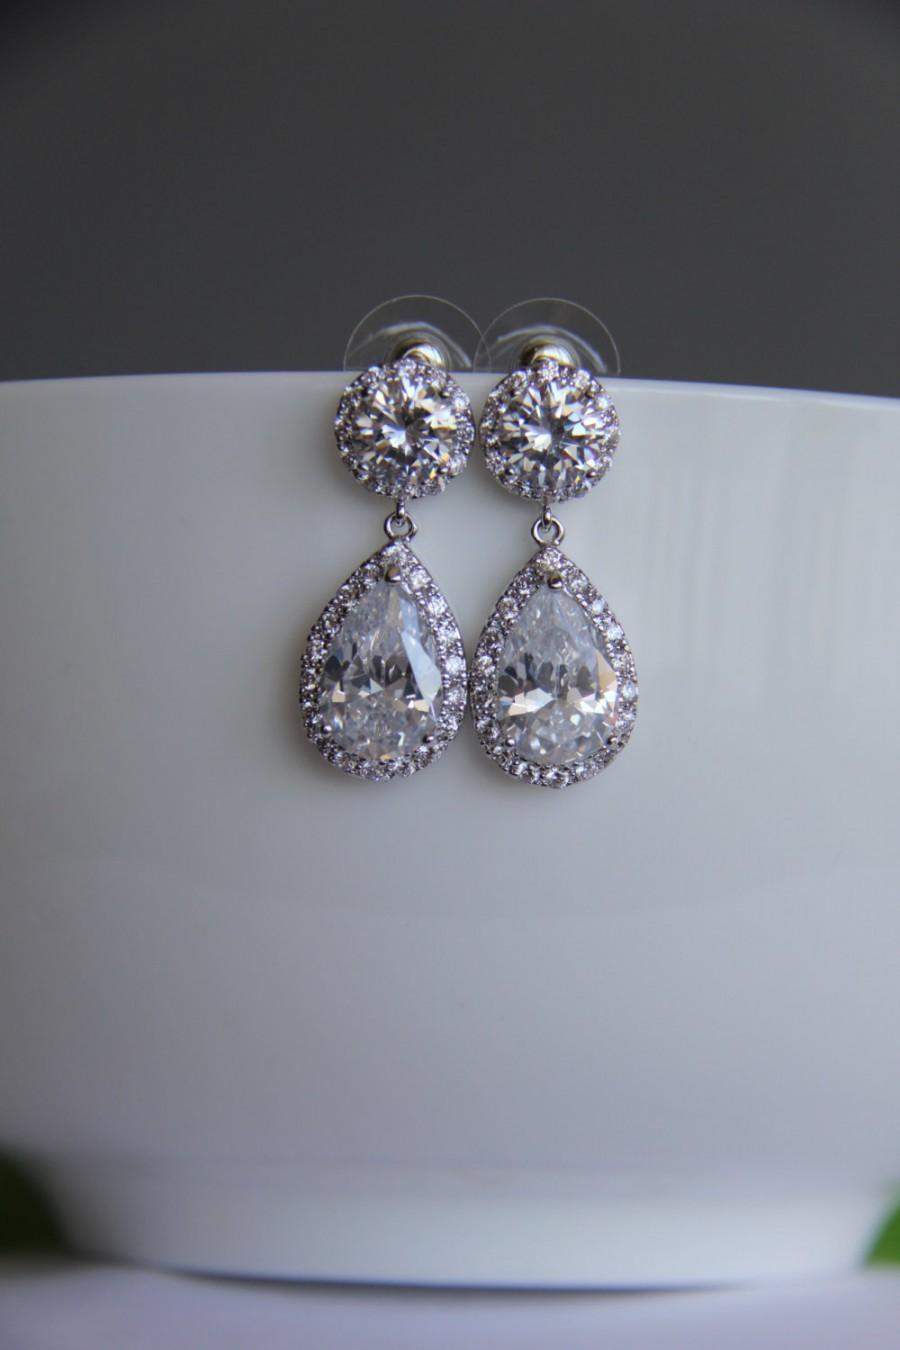 Mariage - Bridal earrings, cz earrings, wedding earrings, bridesmaid earrings, bridal jewelry, wedding jewelry, cz jewelry, dangley earrings